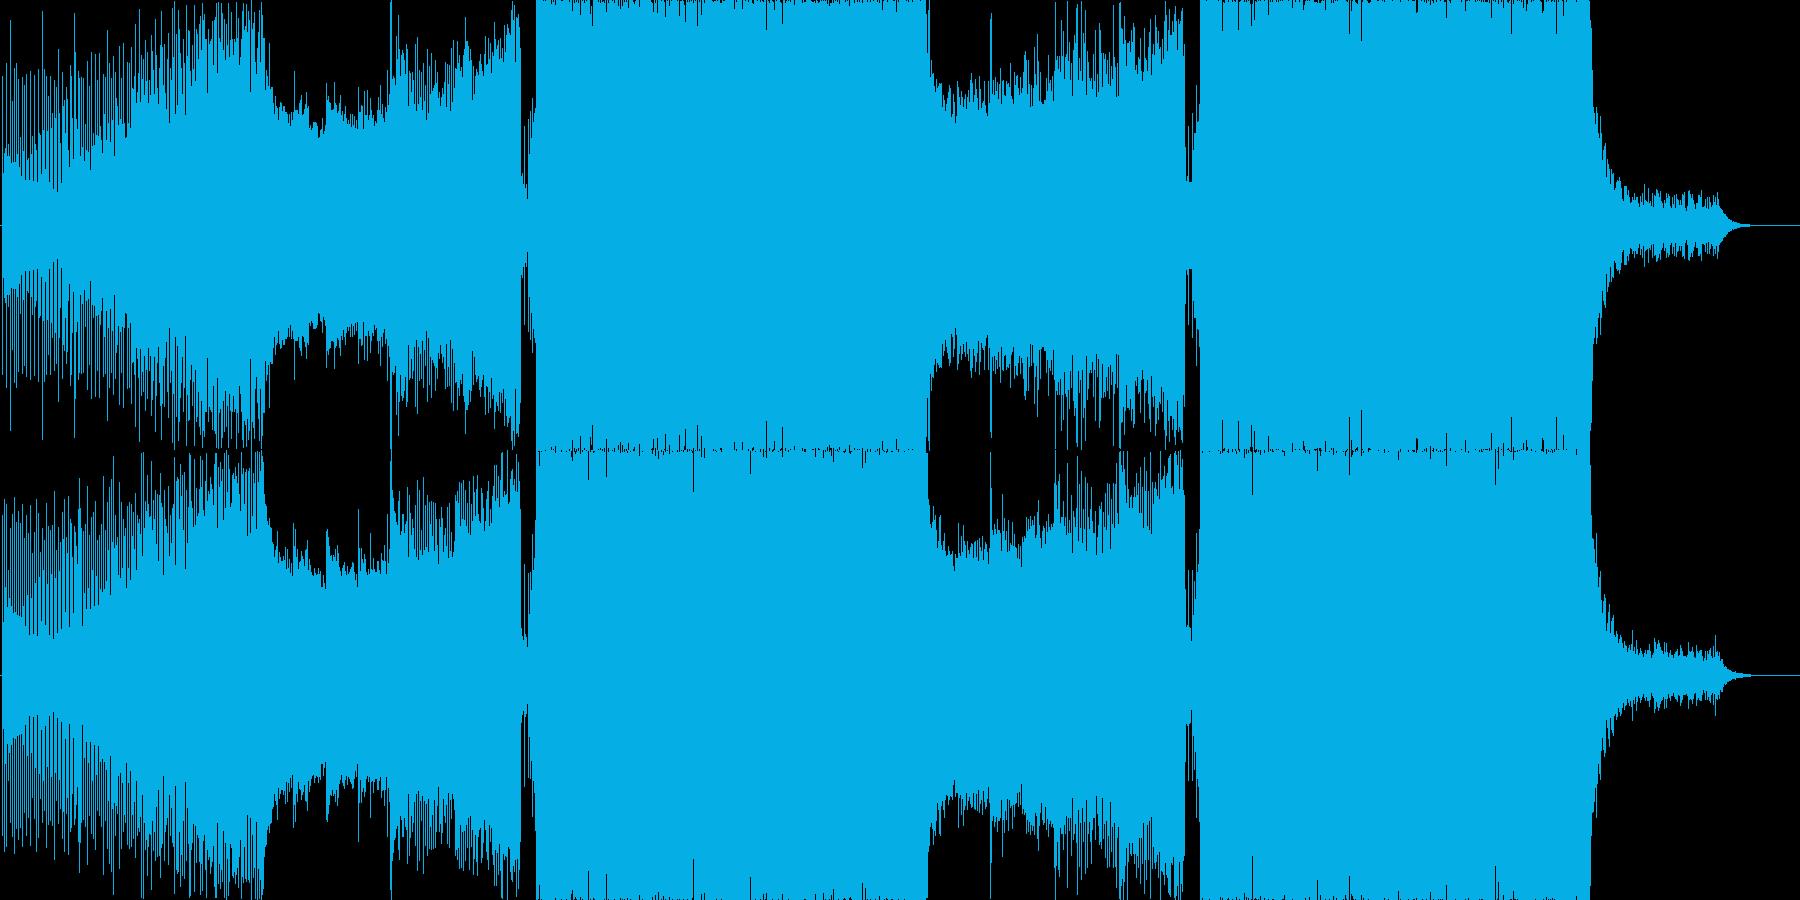 透明感のある和風プログレッシブハウスの再生済みの波形